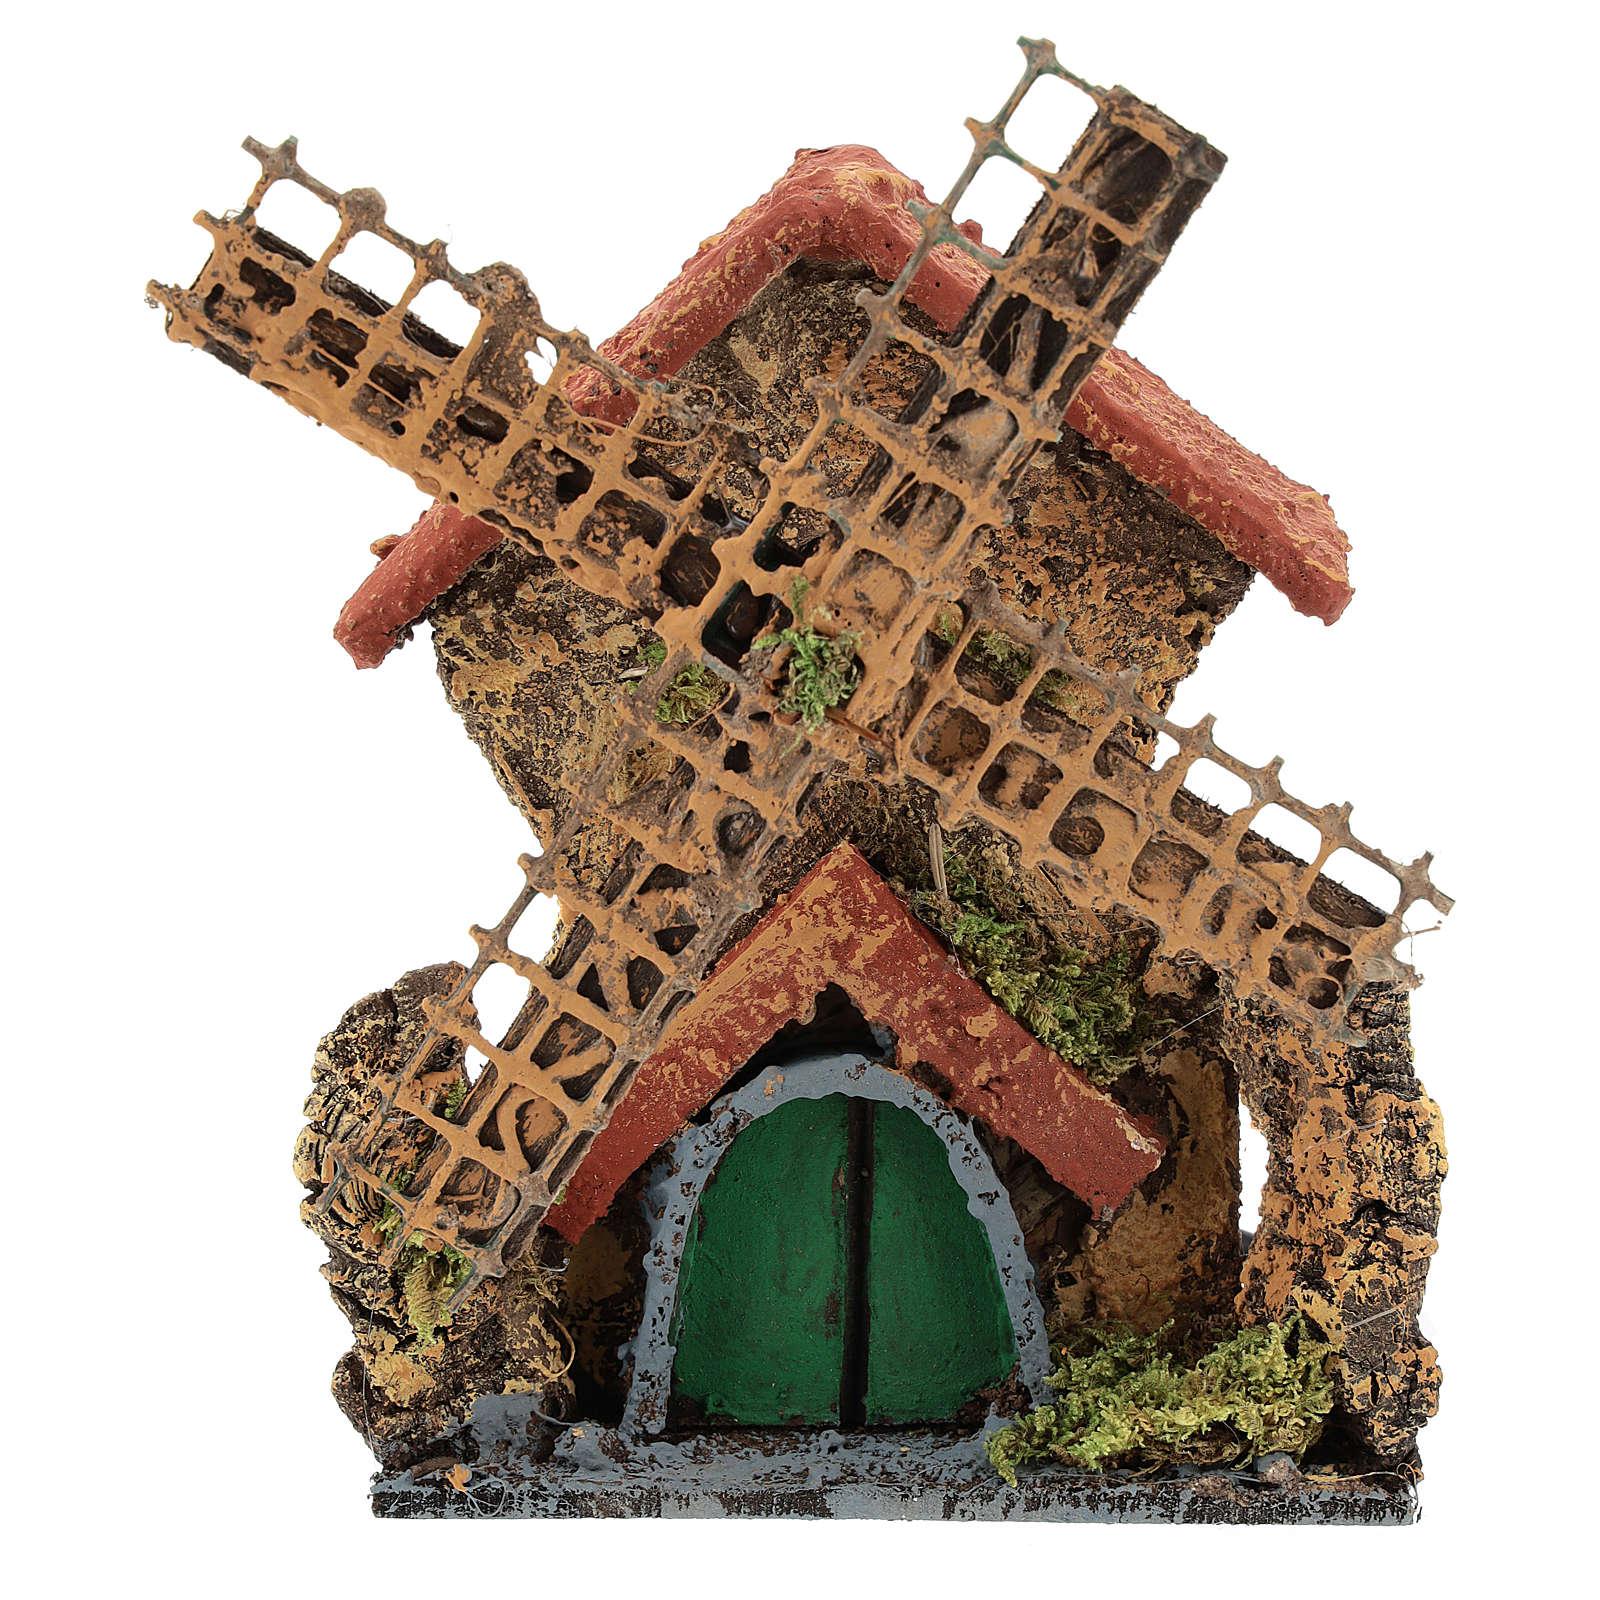 Moving mill 15x10x5 cm for Neapolitan Nativity scene of 6-8 cm 4